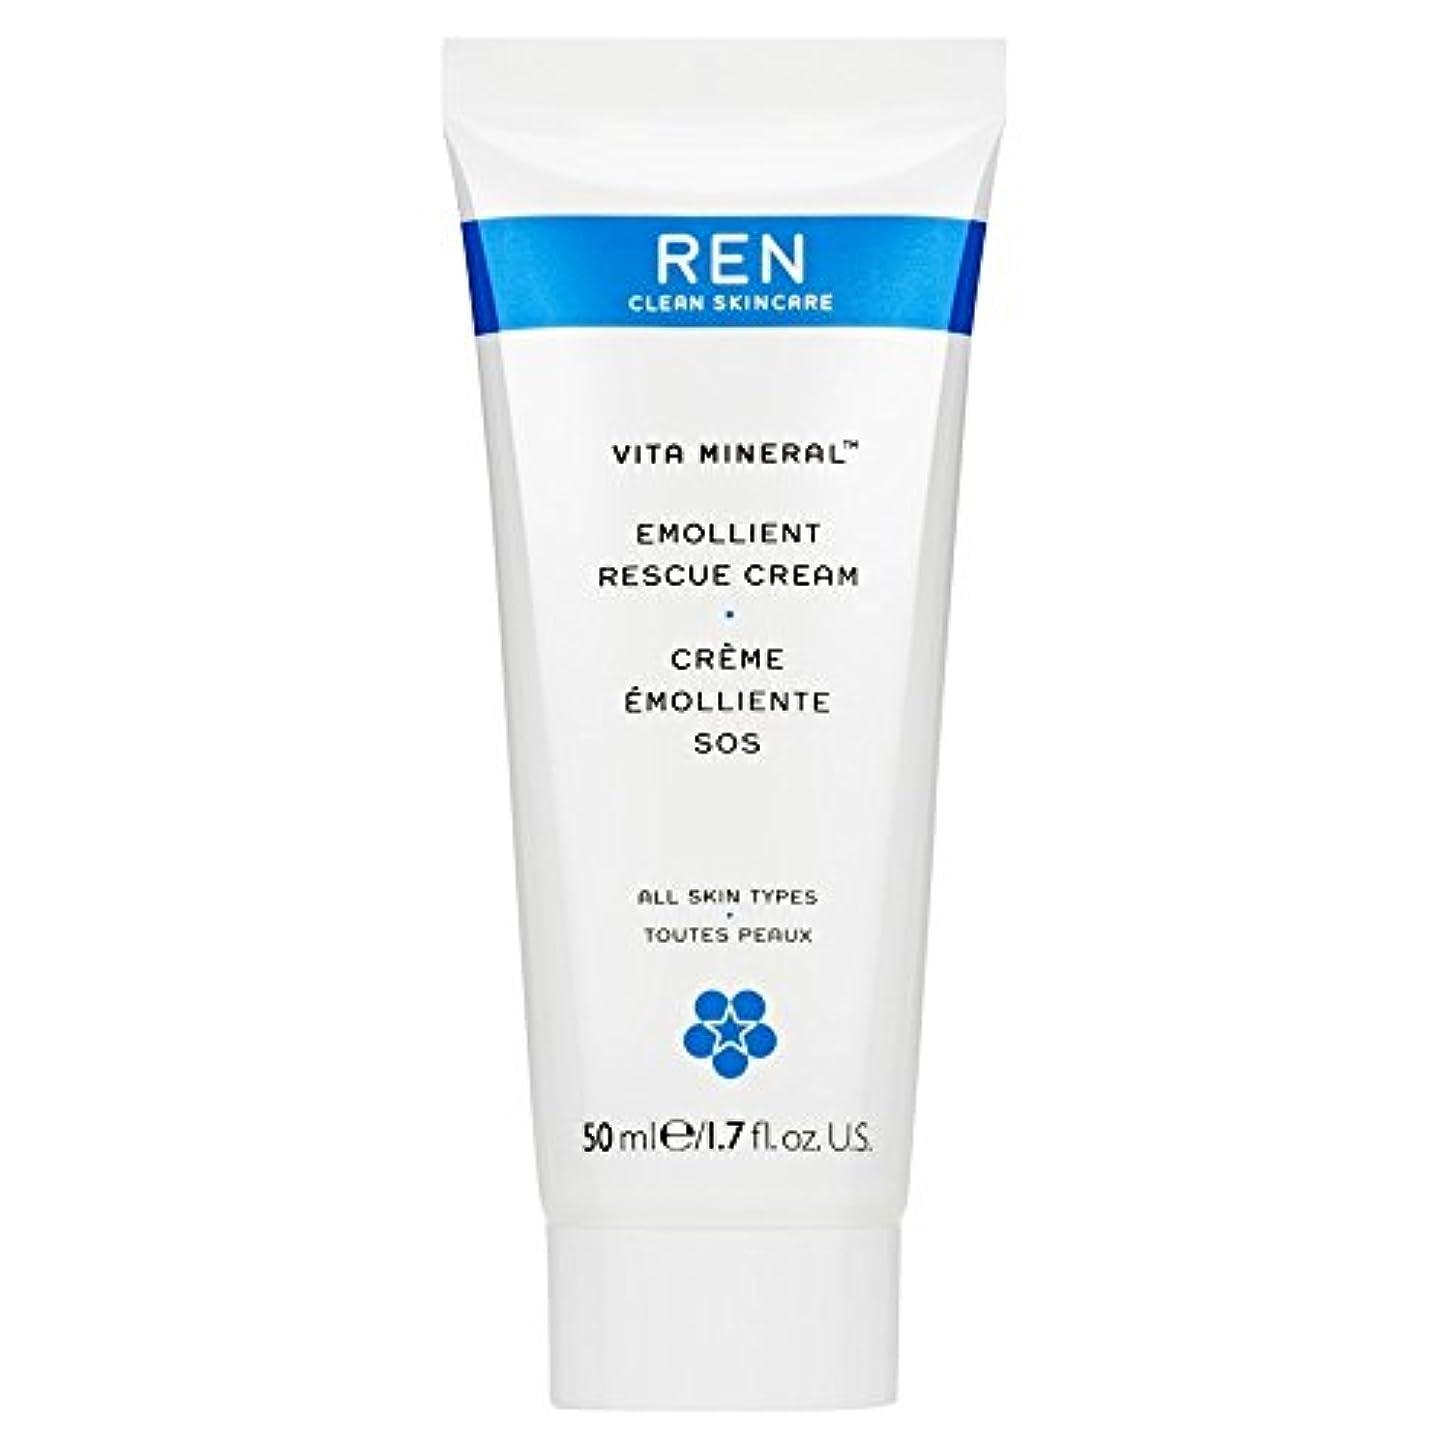 くしゃくしゃ肉苦いRenヴィータミネラルレスキュークリーム、50ミリリットル (REN) (x2) - REN Vita Mineral Rescue Cream, 50ml (Pack of 2) [並行輸入品]